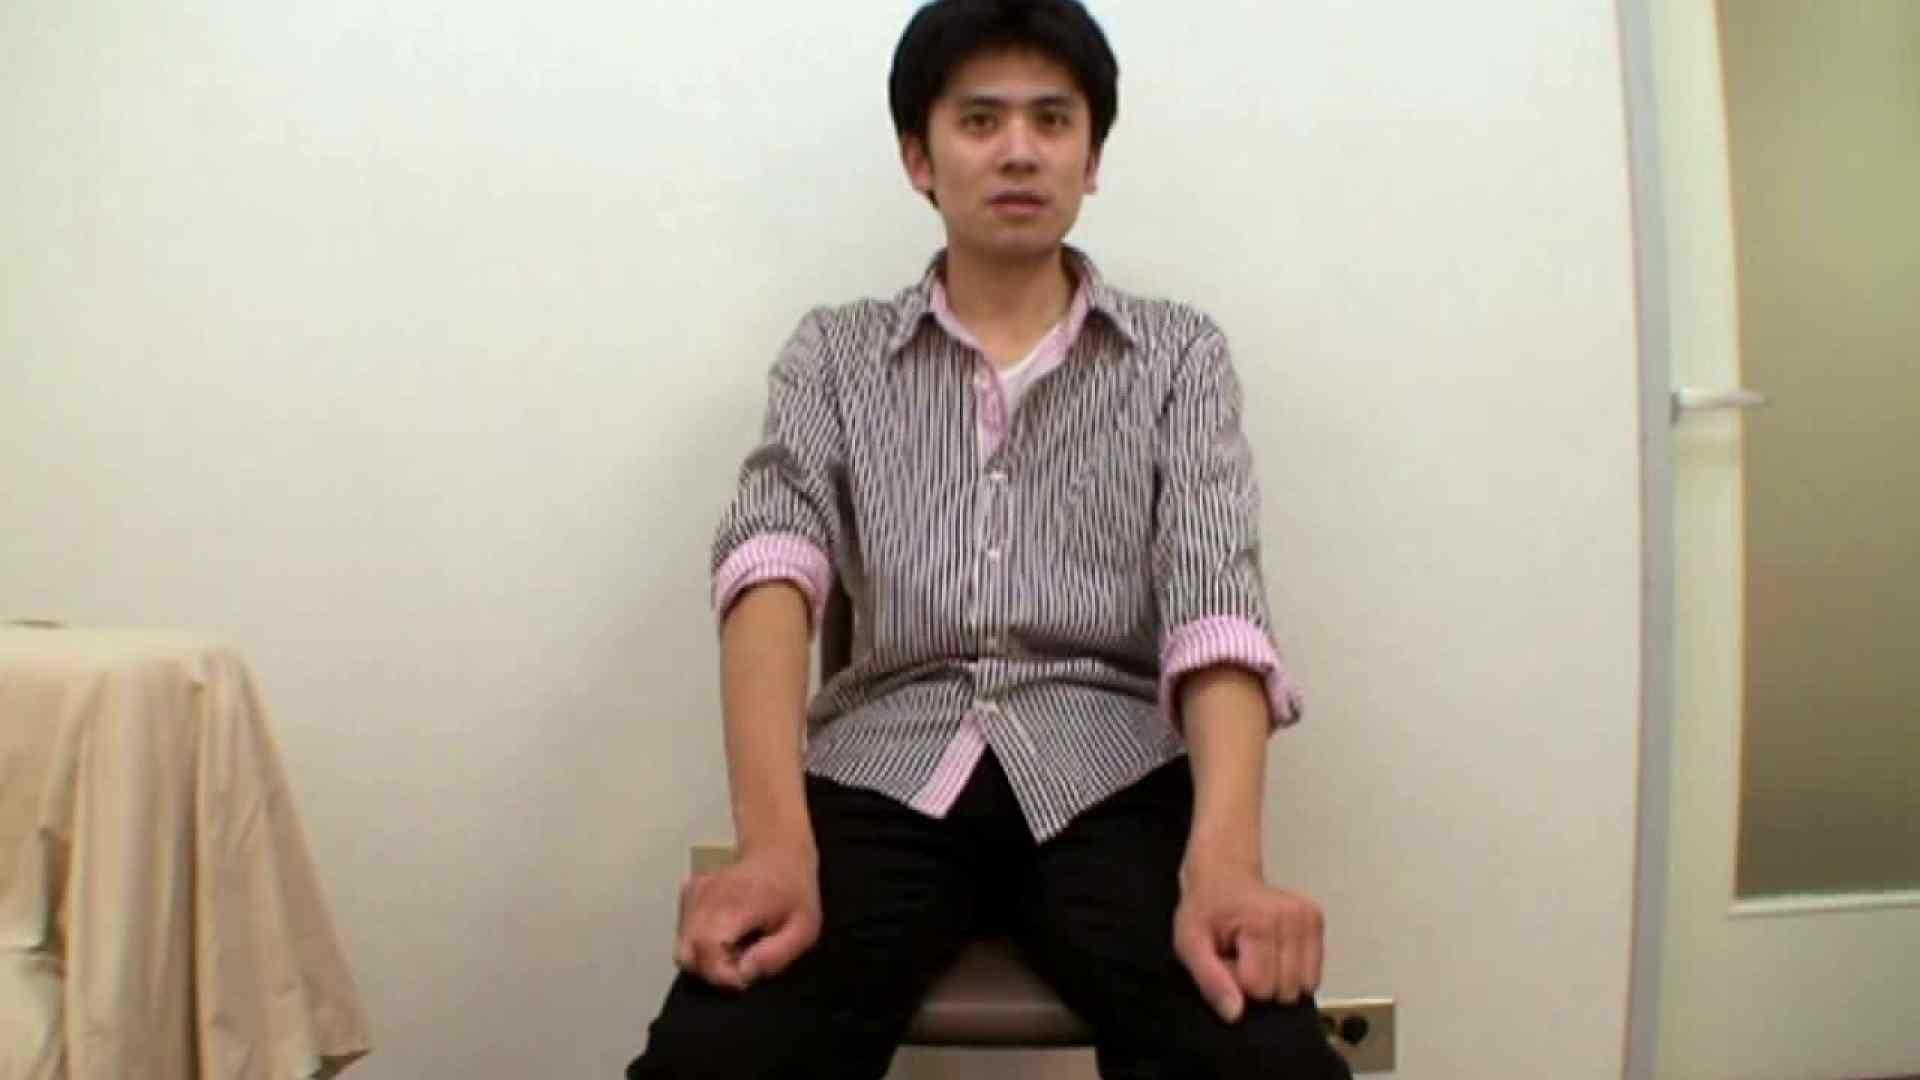 ノンケ!自慰スタジオ No.32 ノンケ天国   流出物 ゲイアダルト画像 92pic 29